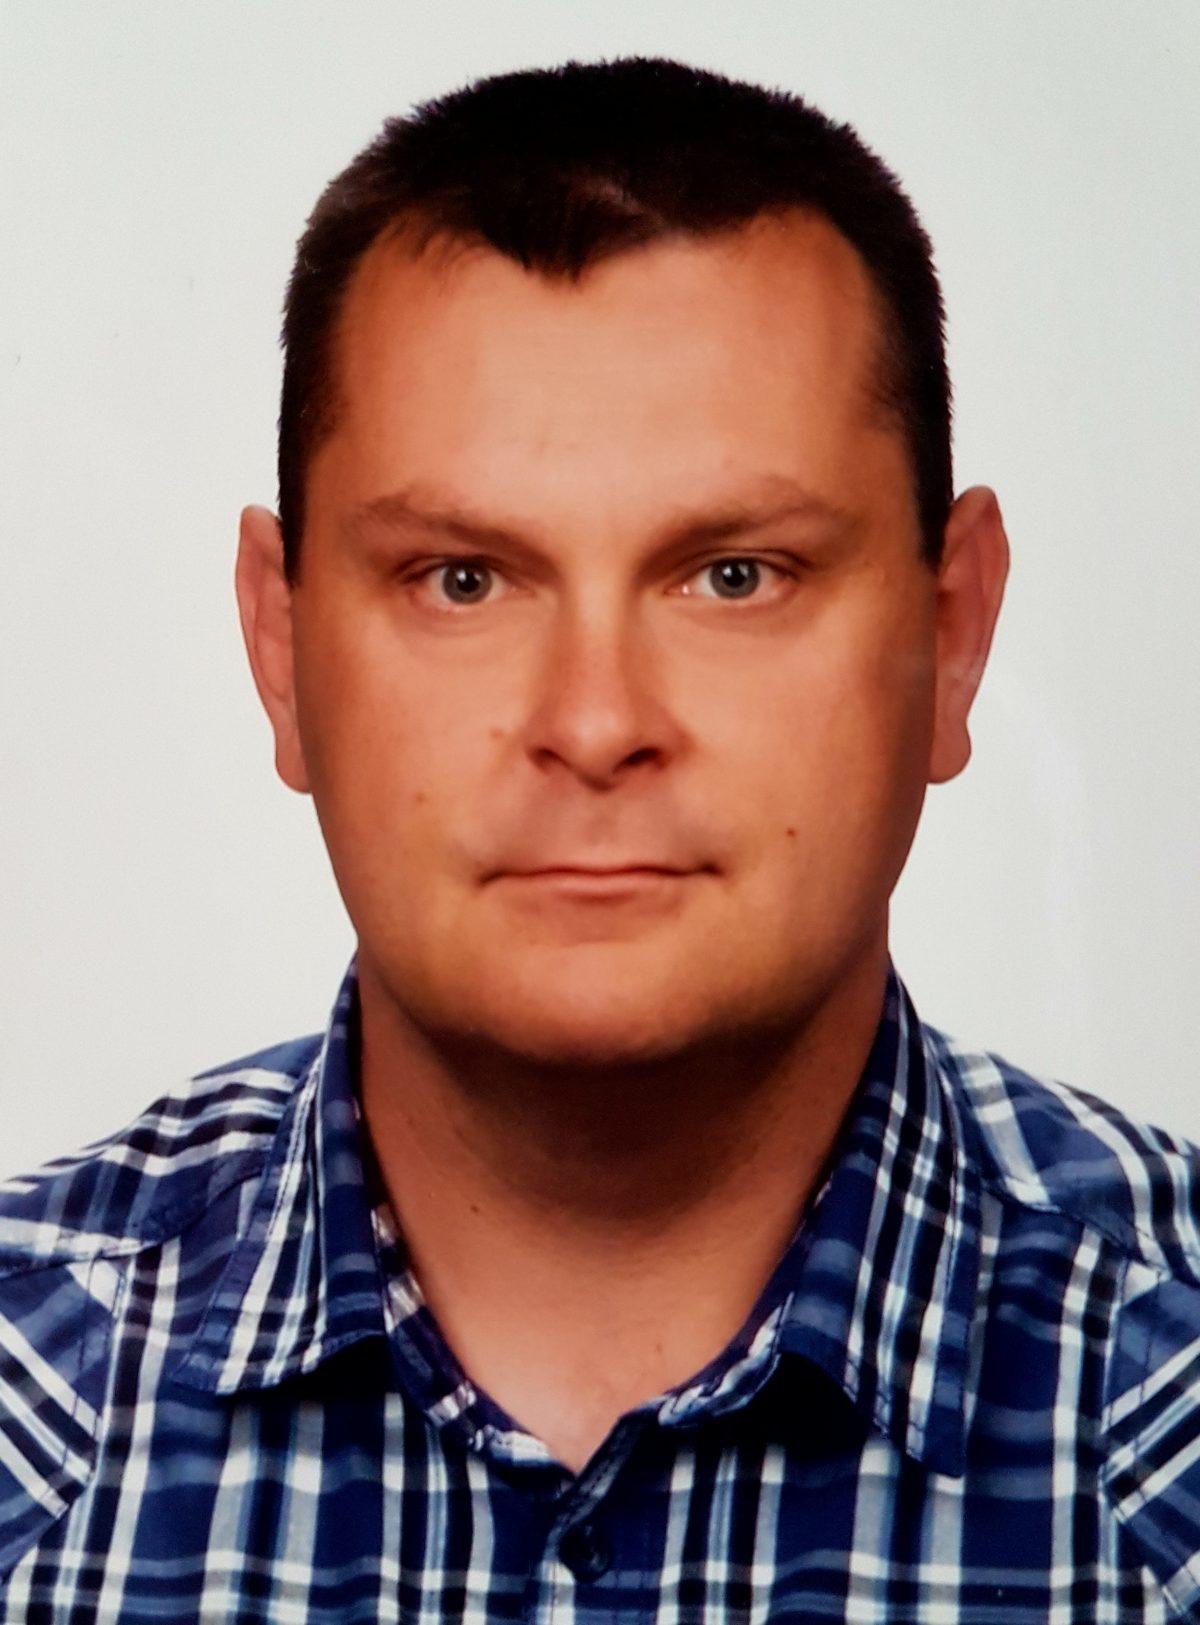 Mariusz Skowronek